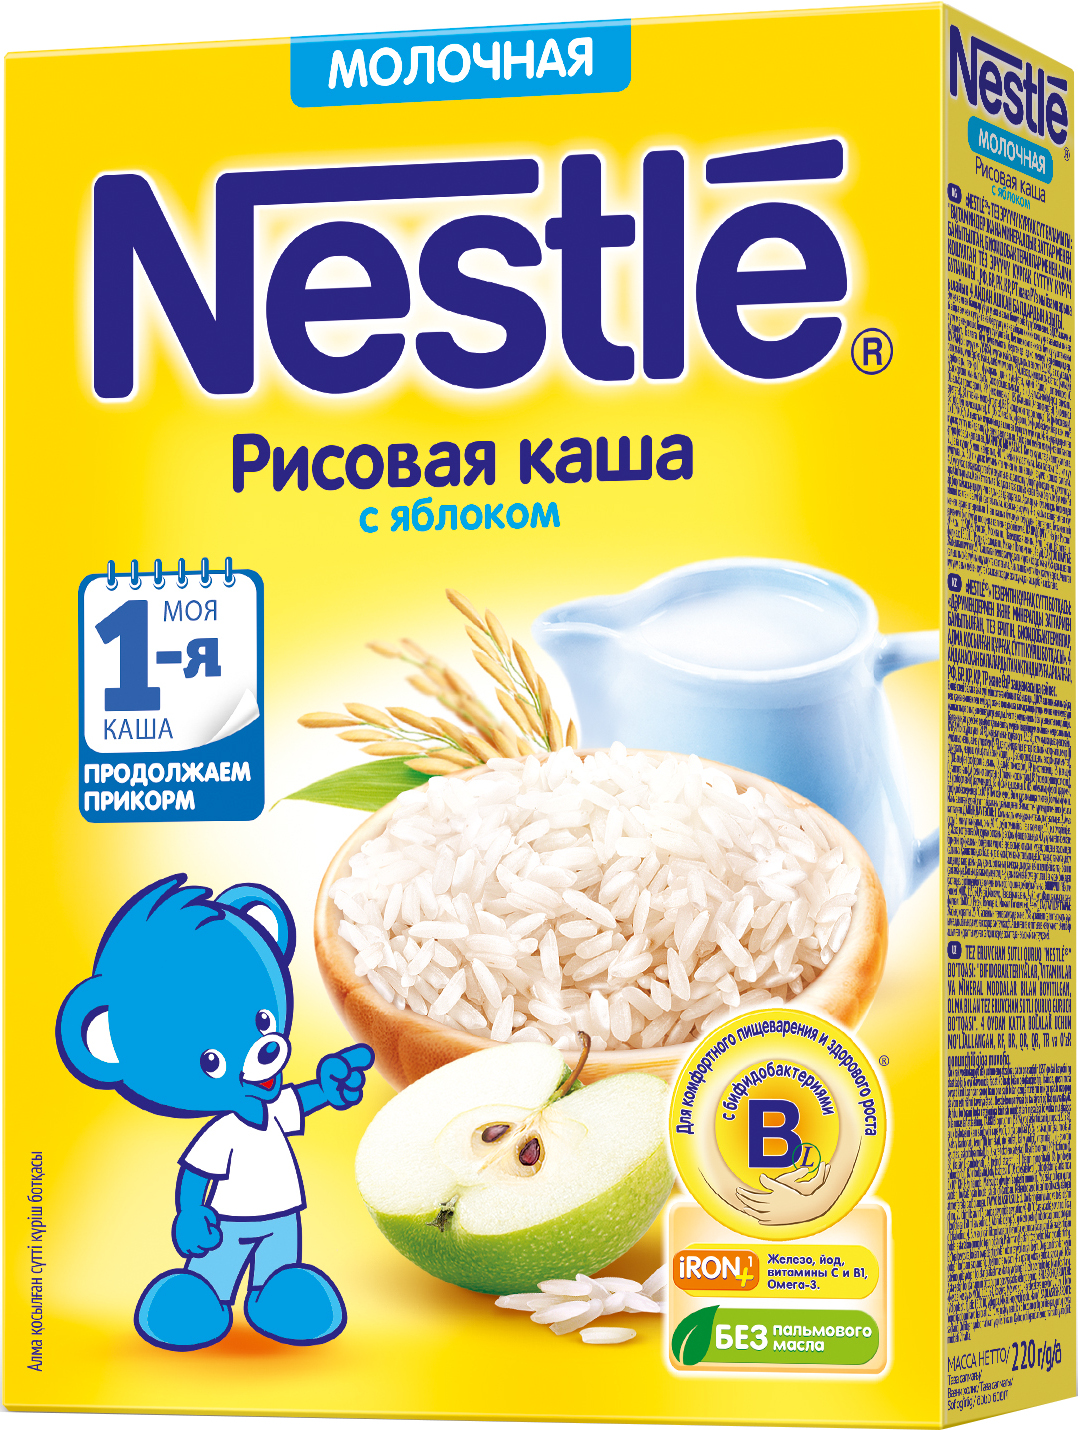 Купить Каша, Nestlé Молочная рисовая с яблоком (с 5 месяцев) 220 г, 1шт., Nestle 12342909, Россия